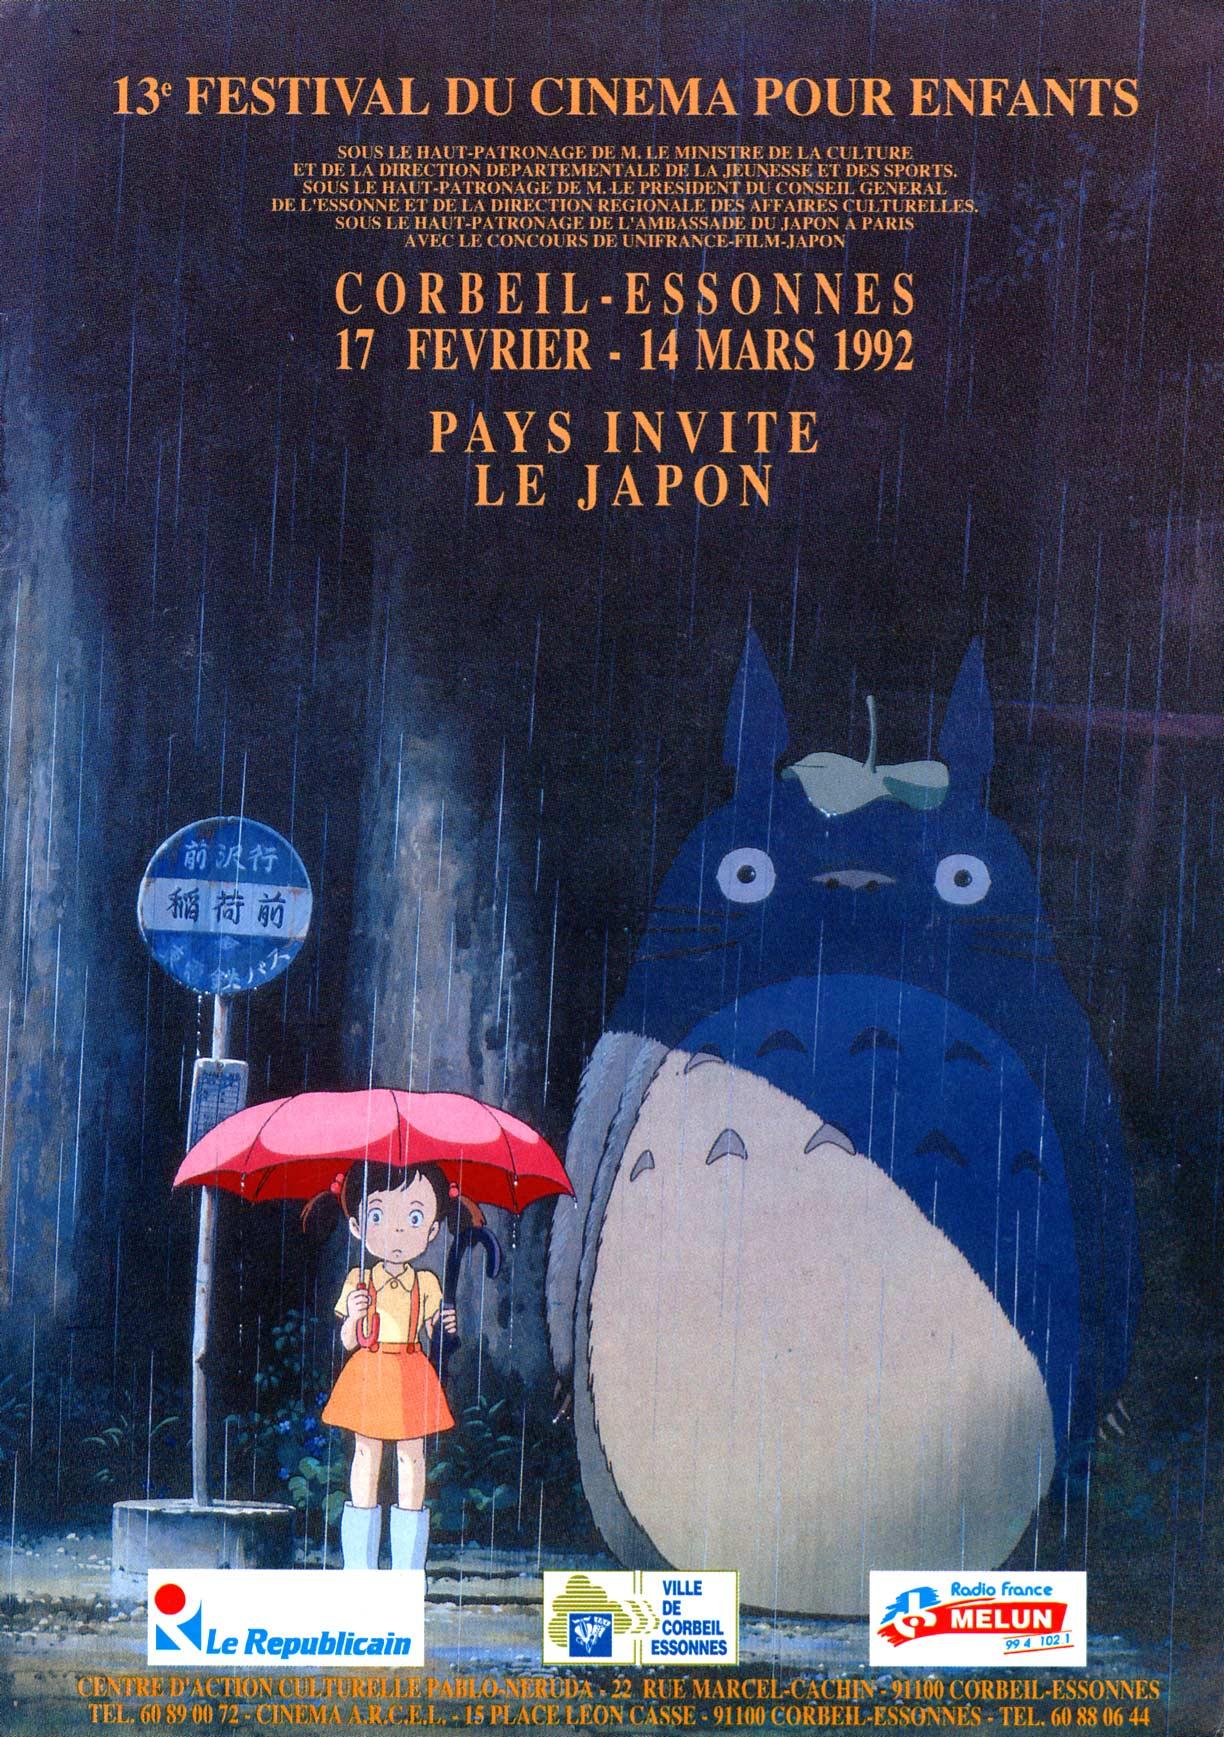 Mon voisin Totoro diffusé en 1992 au festival de Corbeil-Essonne